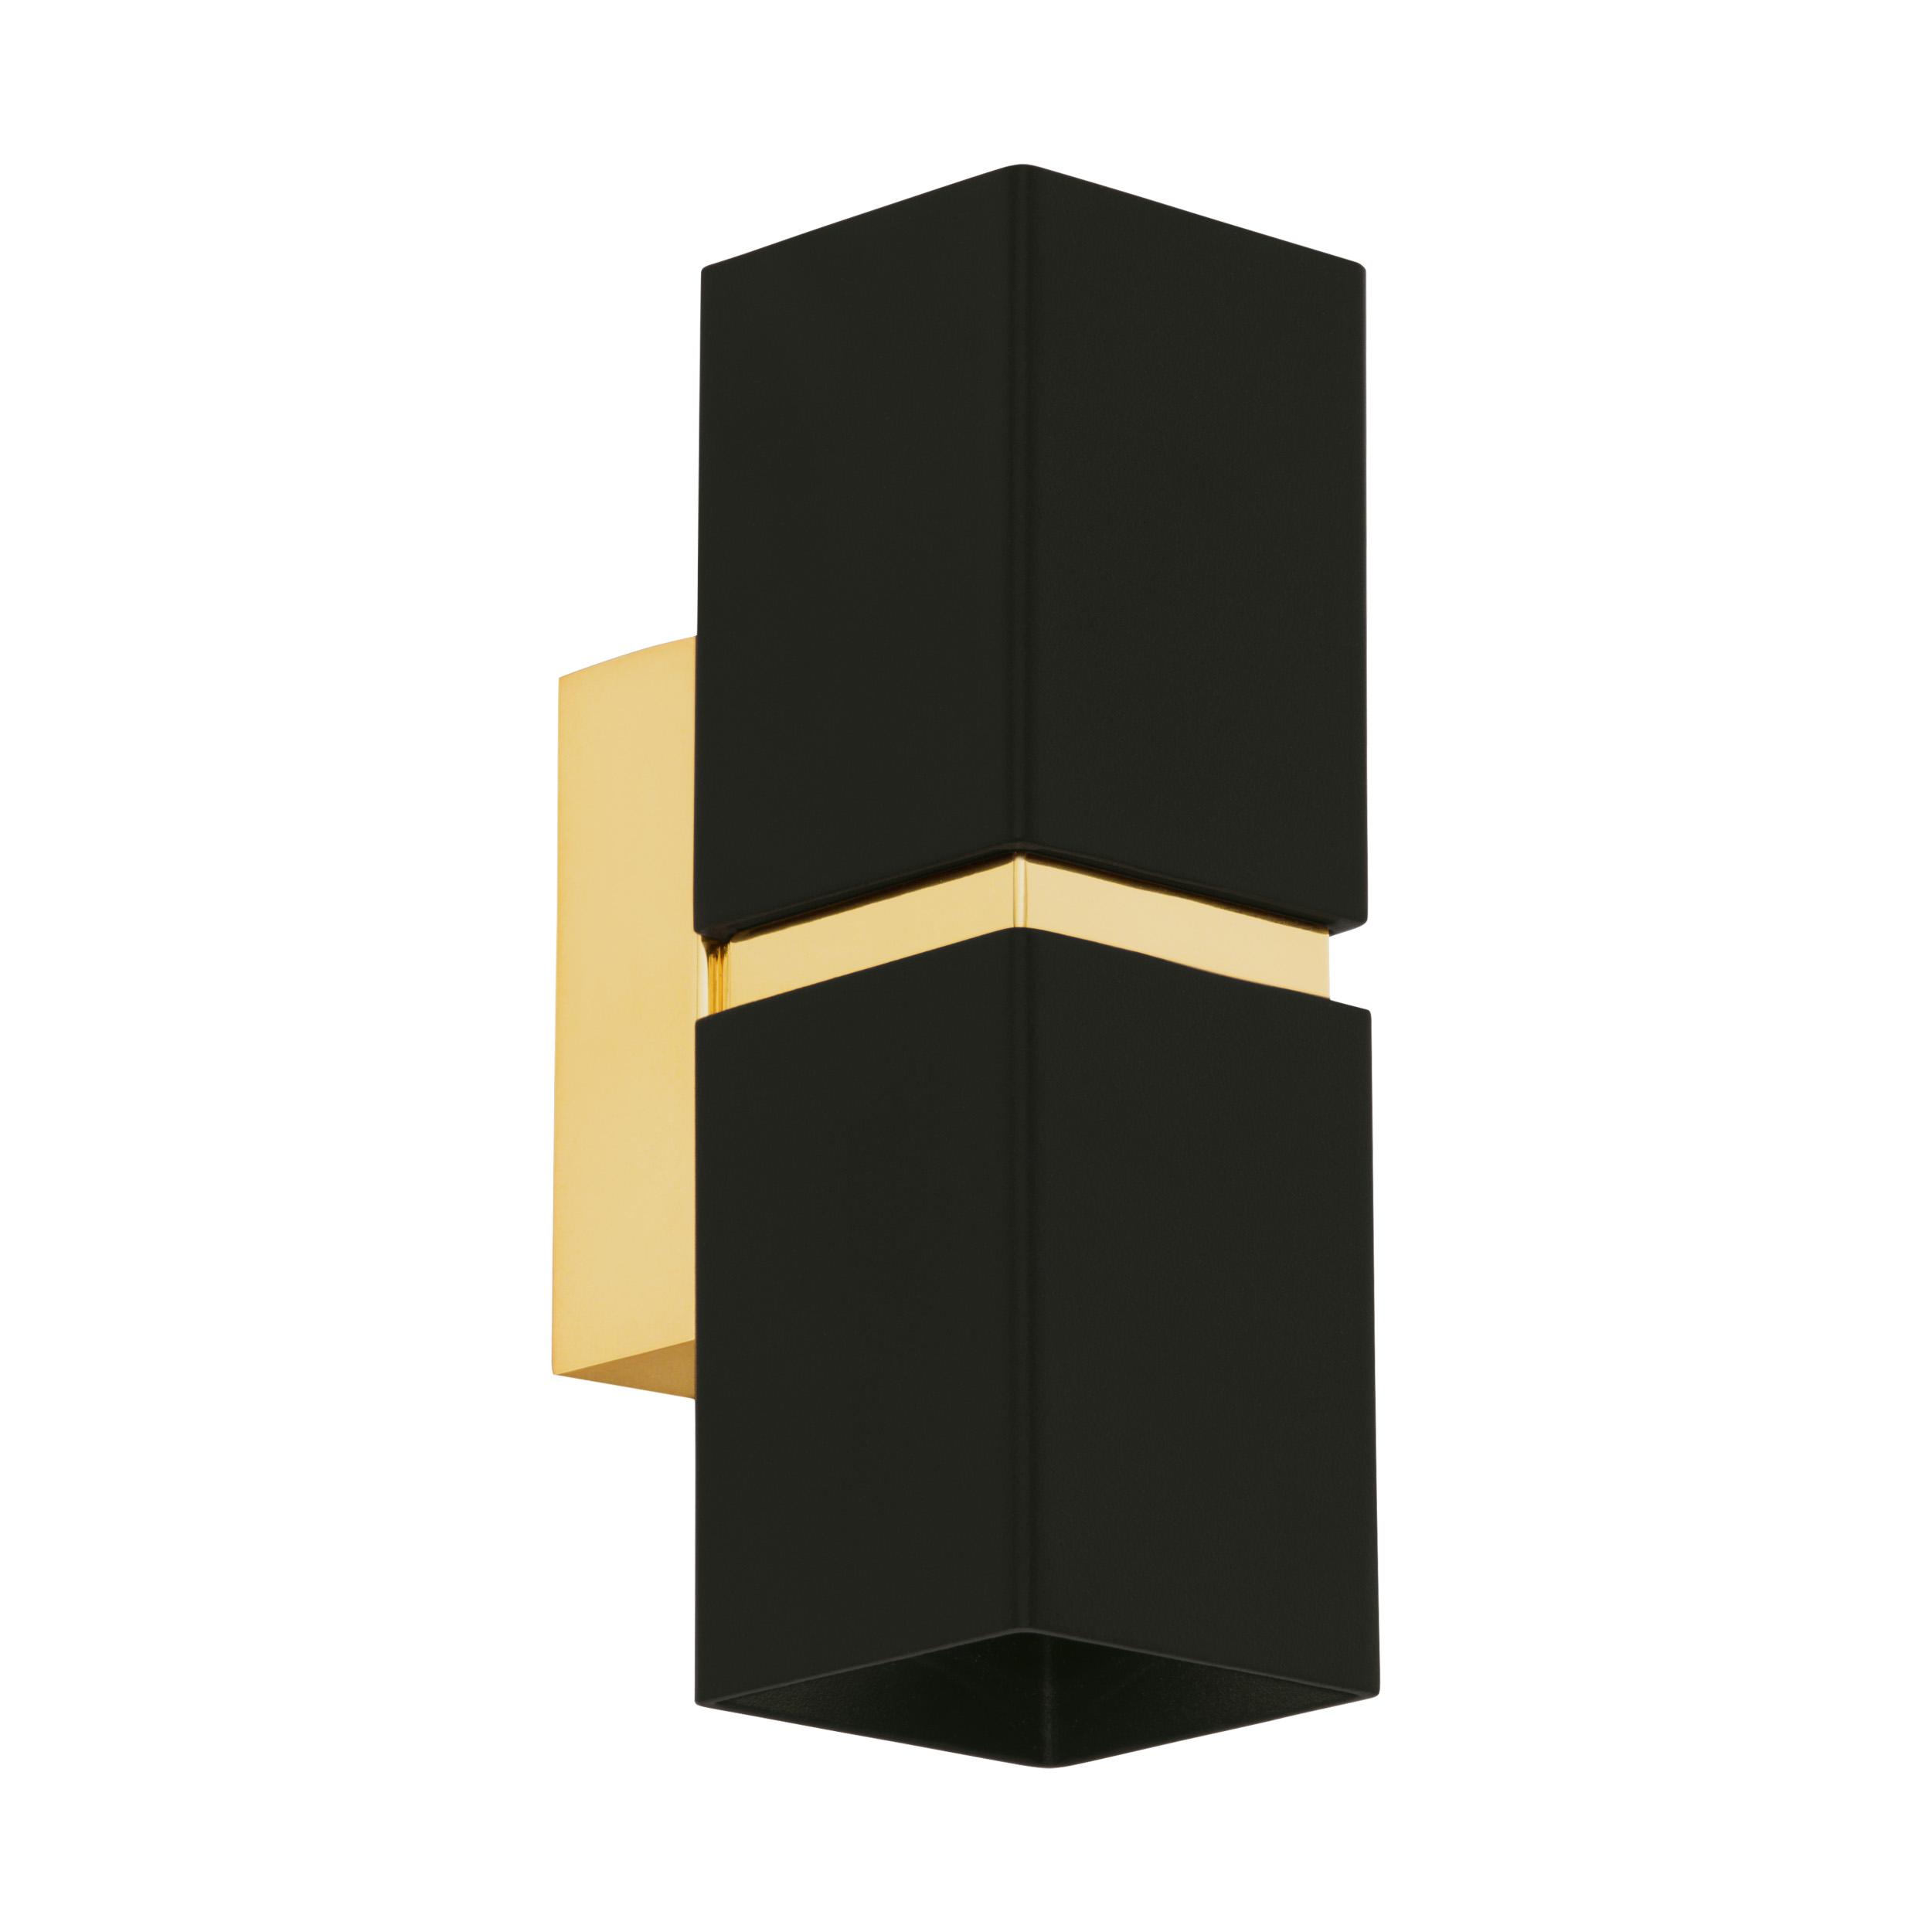 1 Stk Passa / eckig max. 35W 3000K schwarz, gold IP20 LI64798---